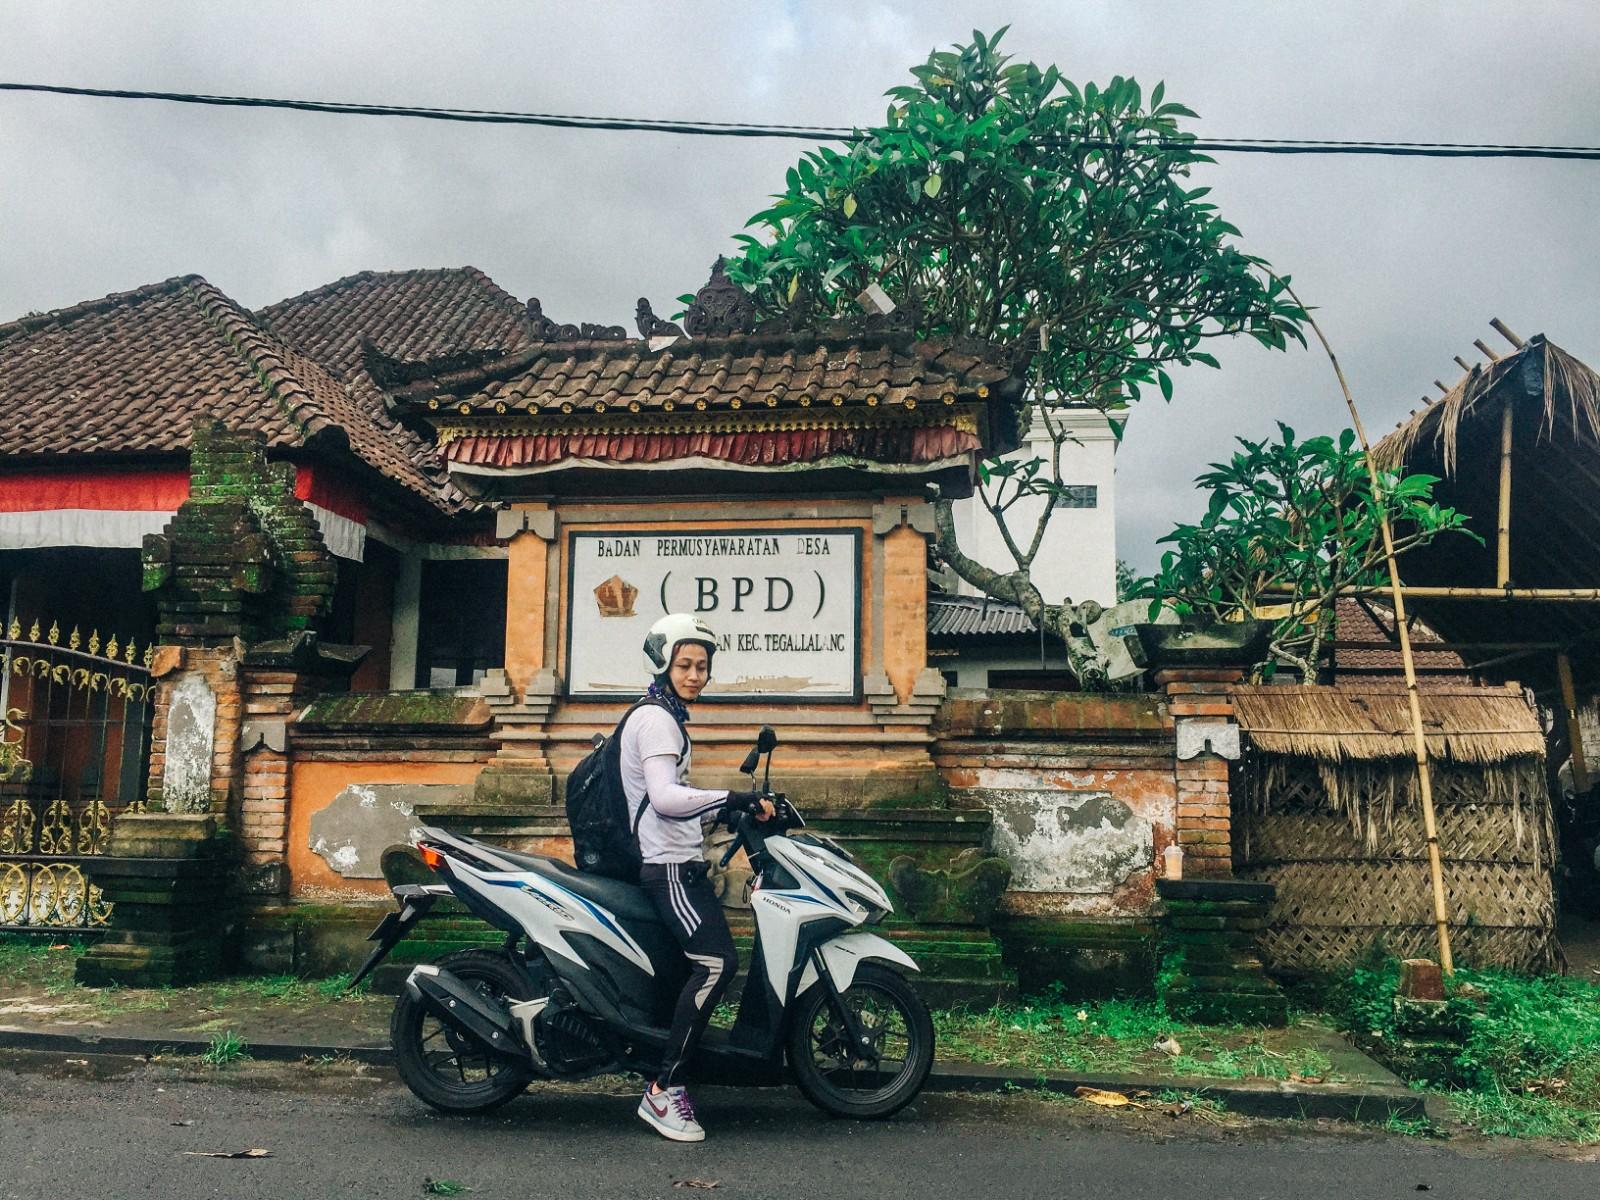 【我是旅行家】梦魂萦绕的印度尼西亚海岛风情